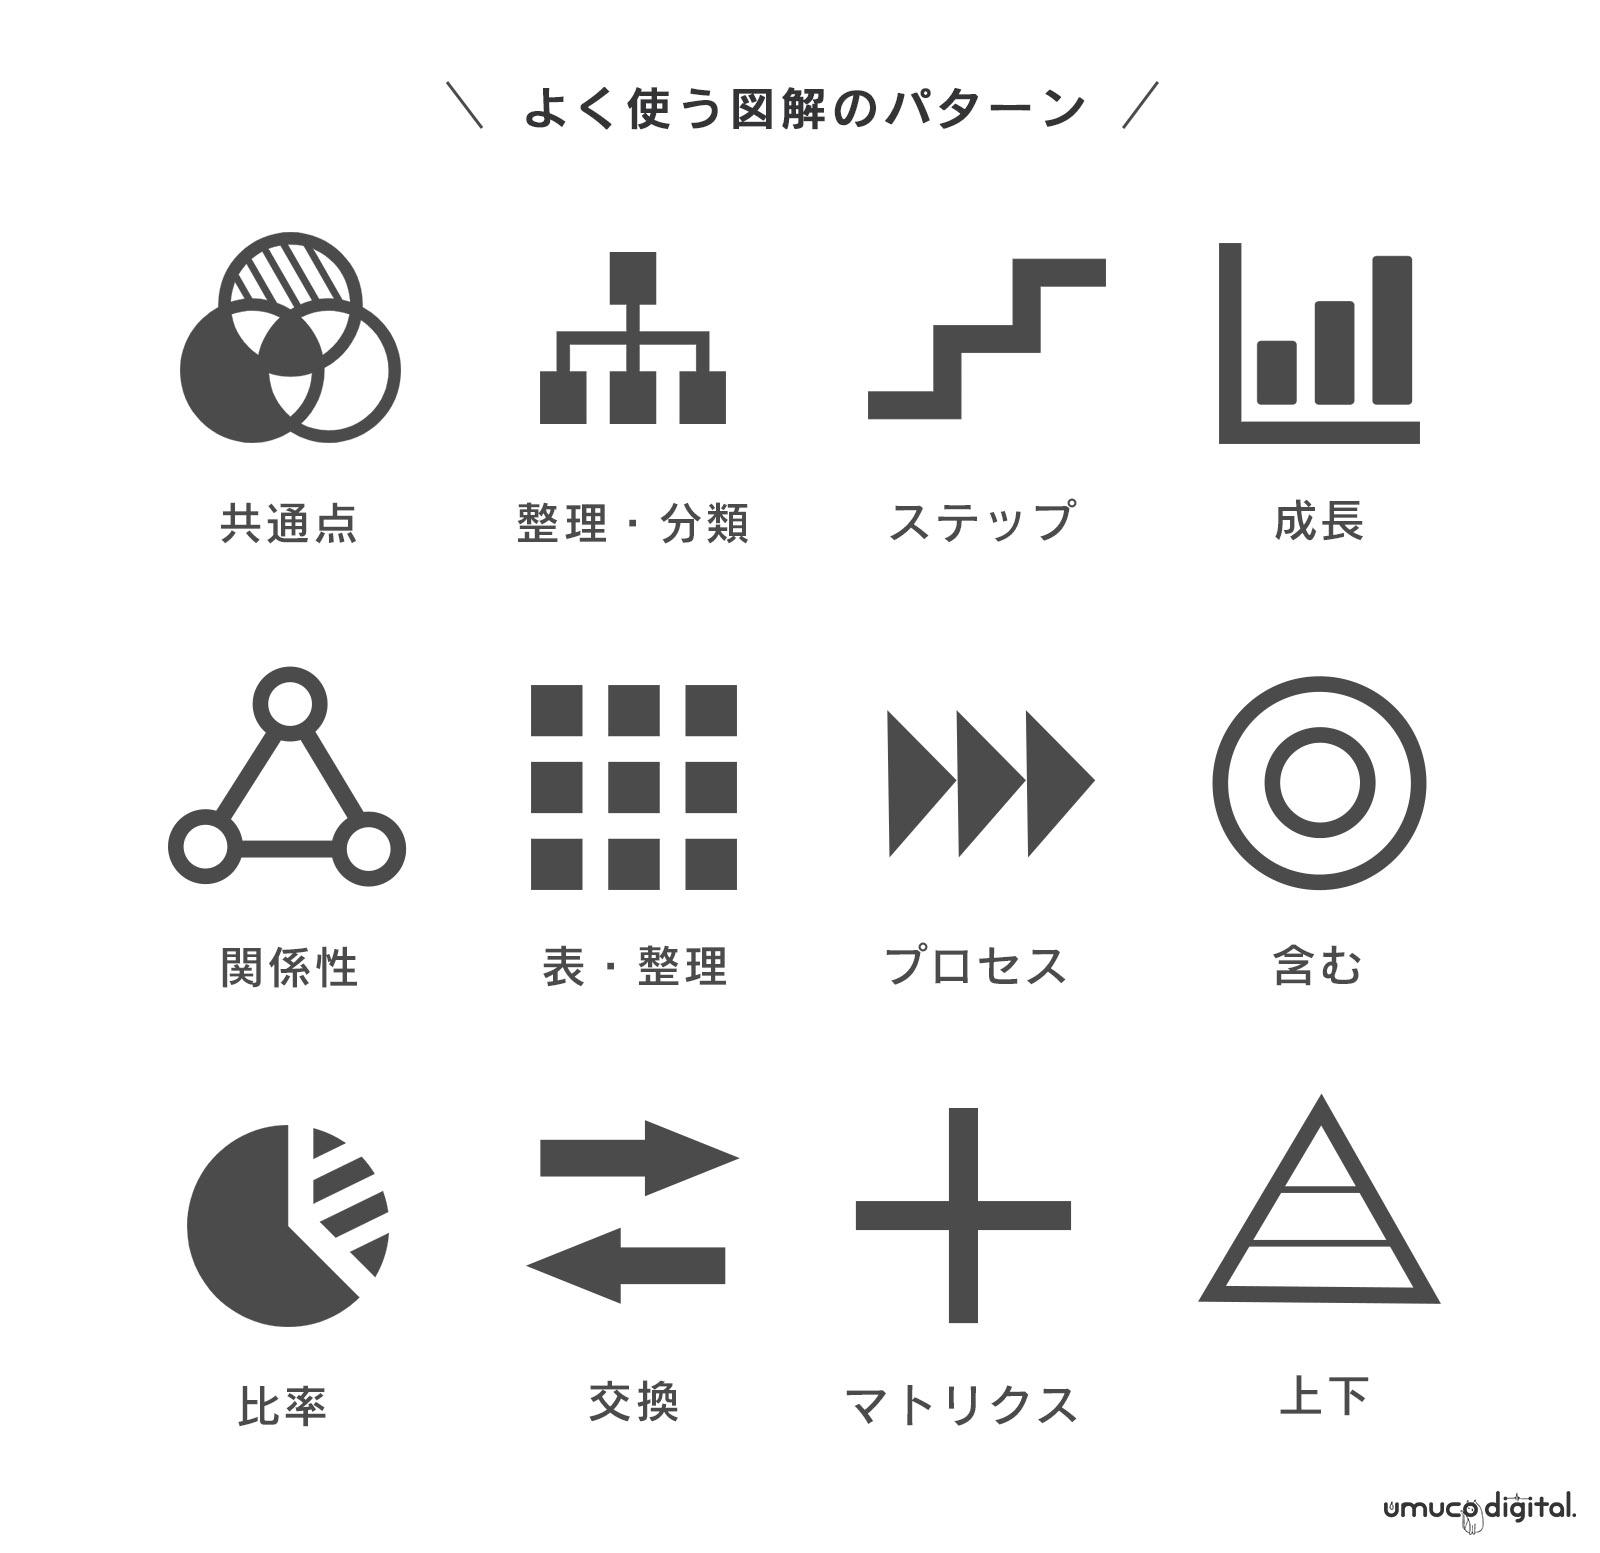 図解の作り方/種類